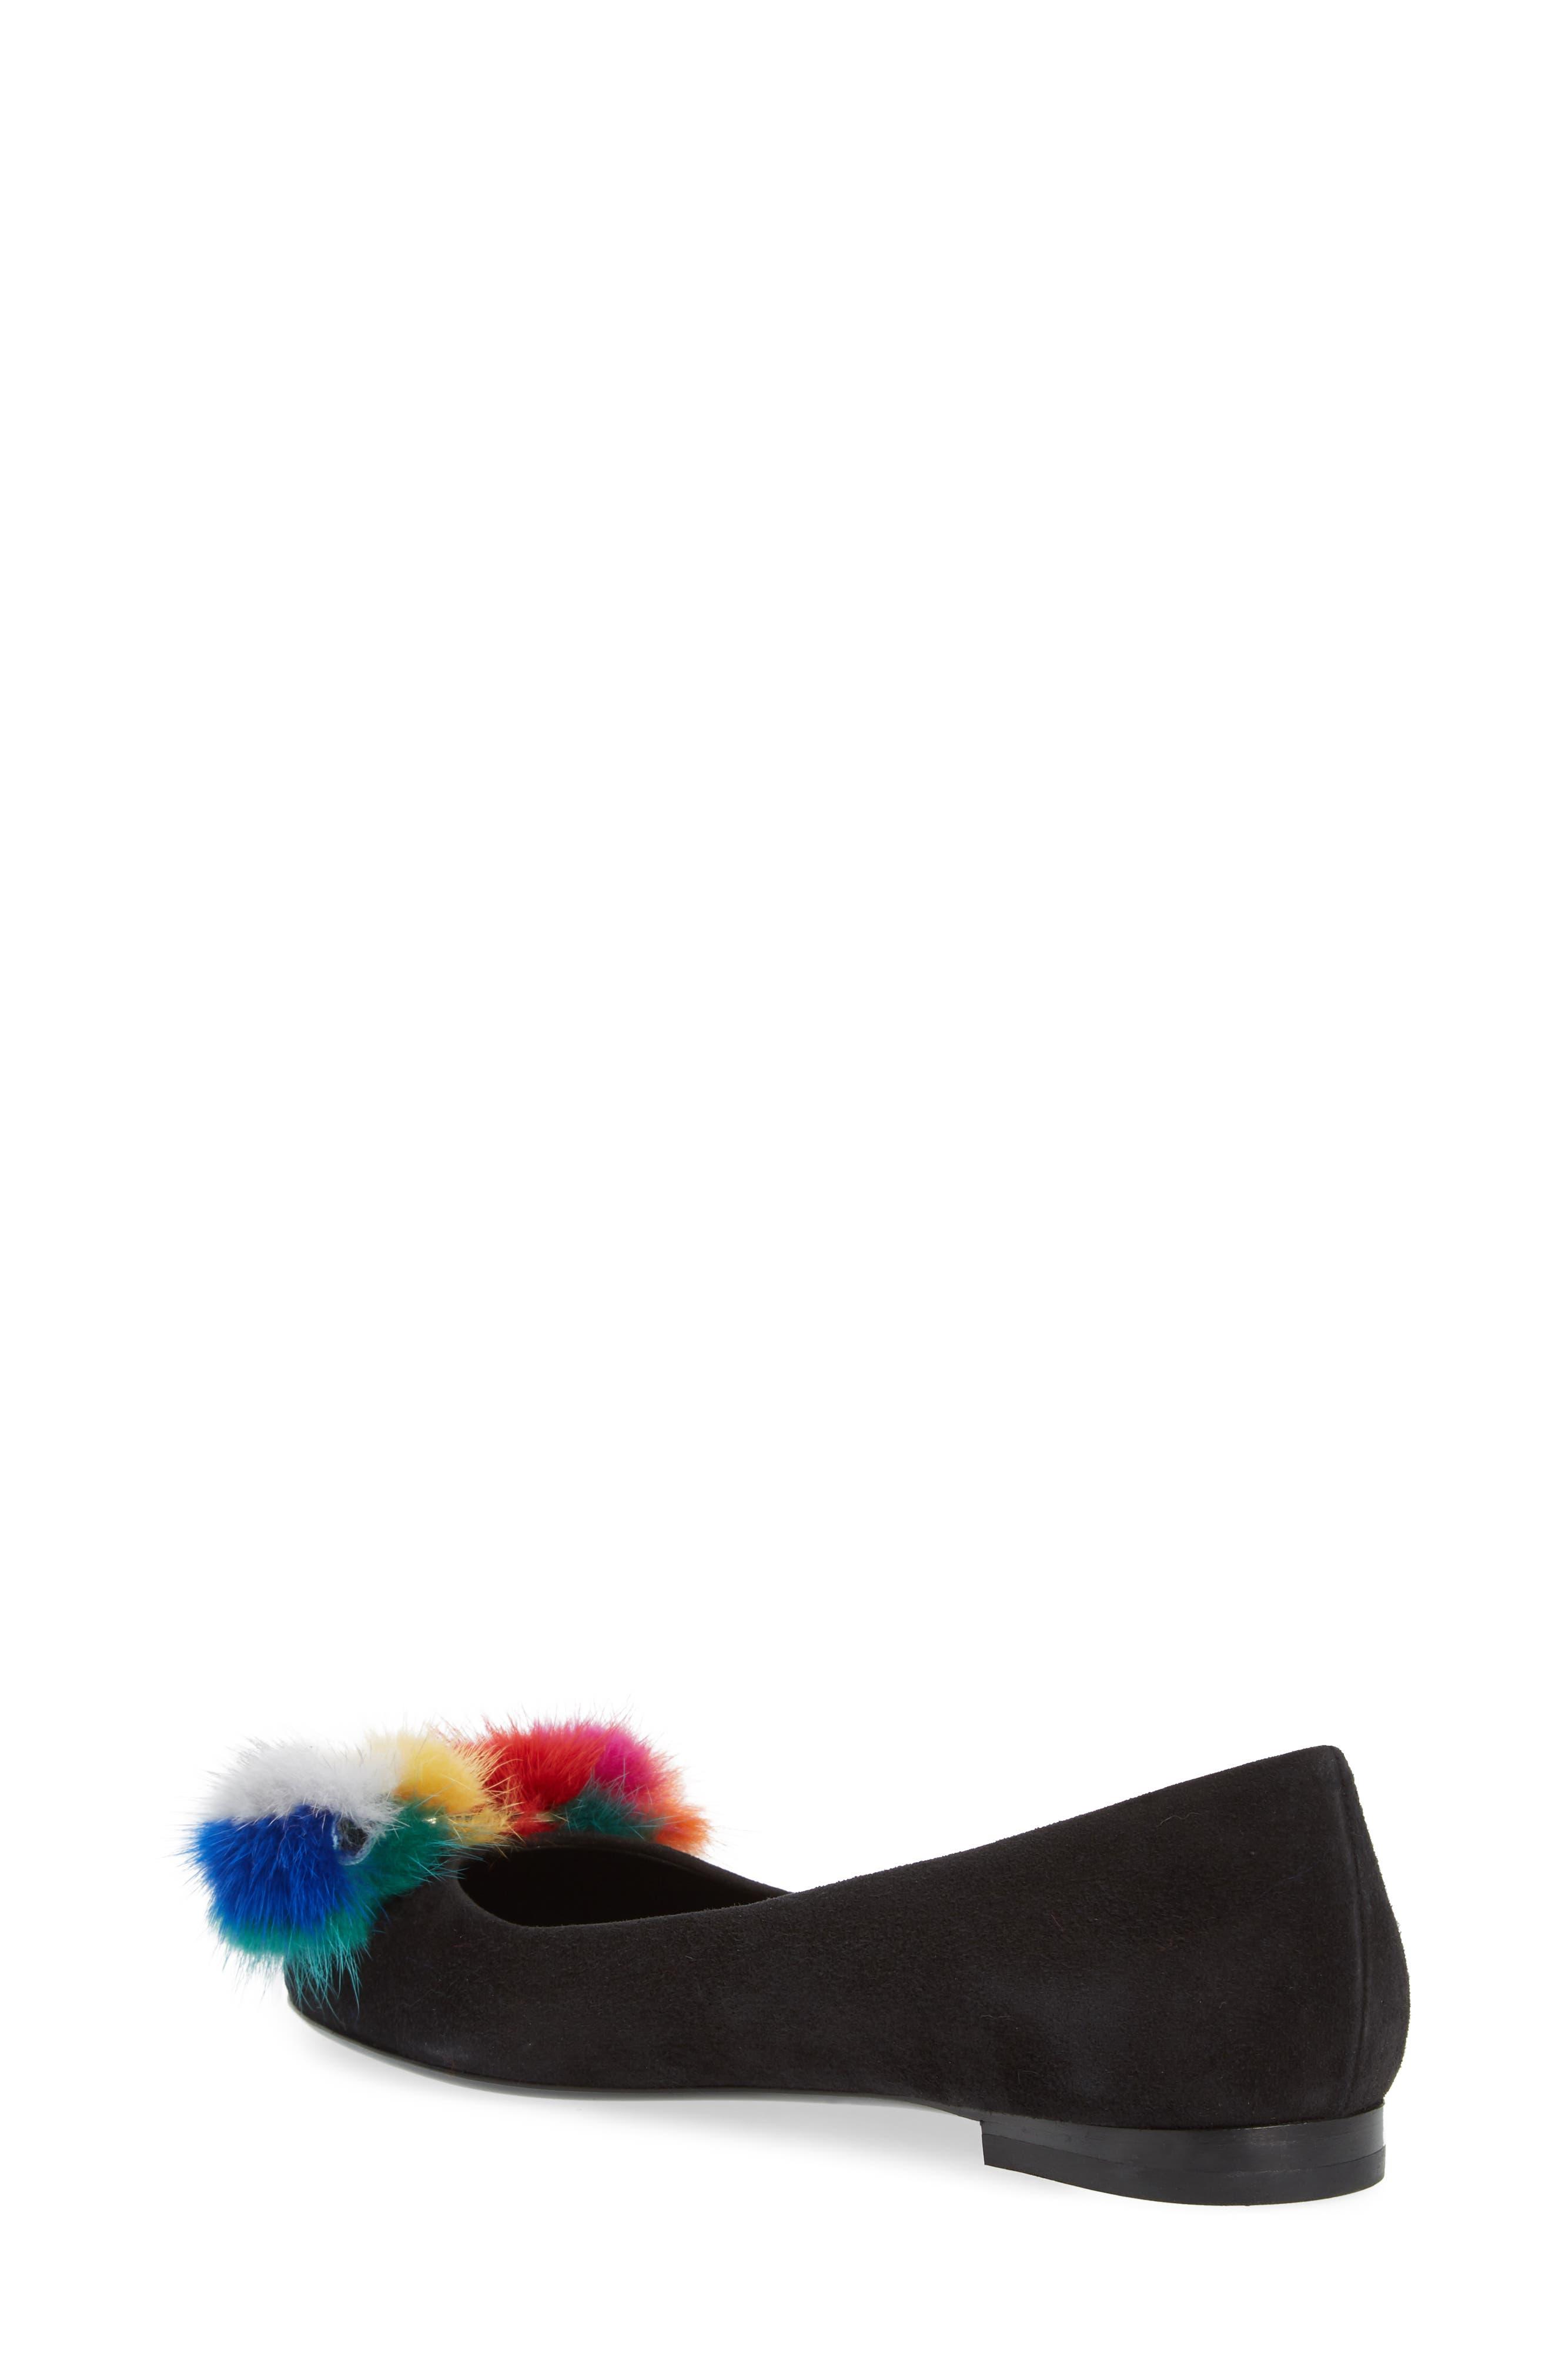 Varina Genuine Mink Fur Flat,                             Alternate thumbnail 2, color,                             Black/ Rainbow